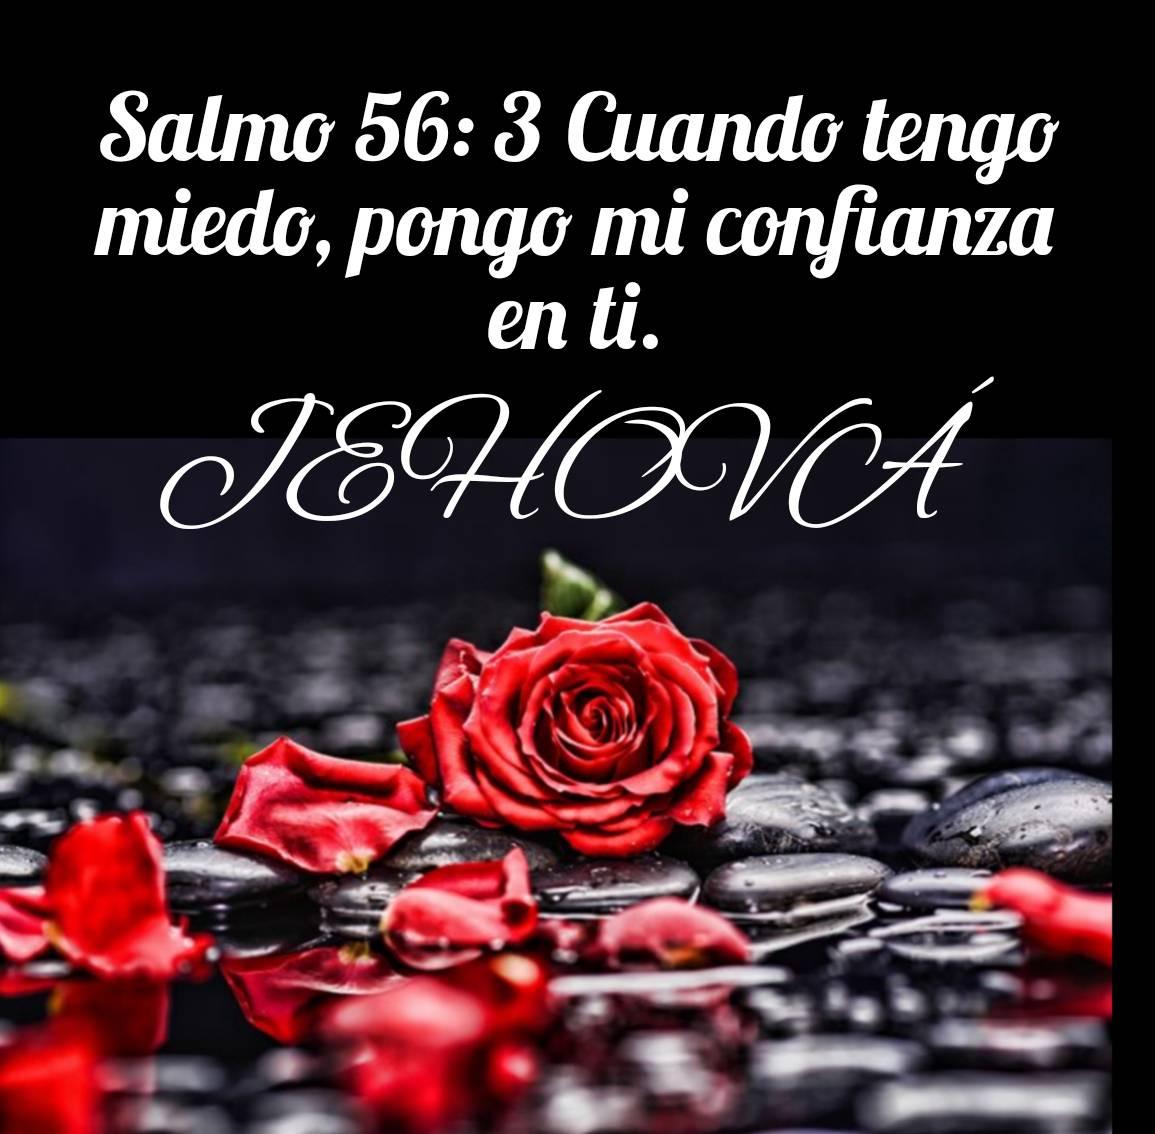 Postales con textos biblicos_20200606_123523146.jpg